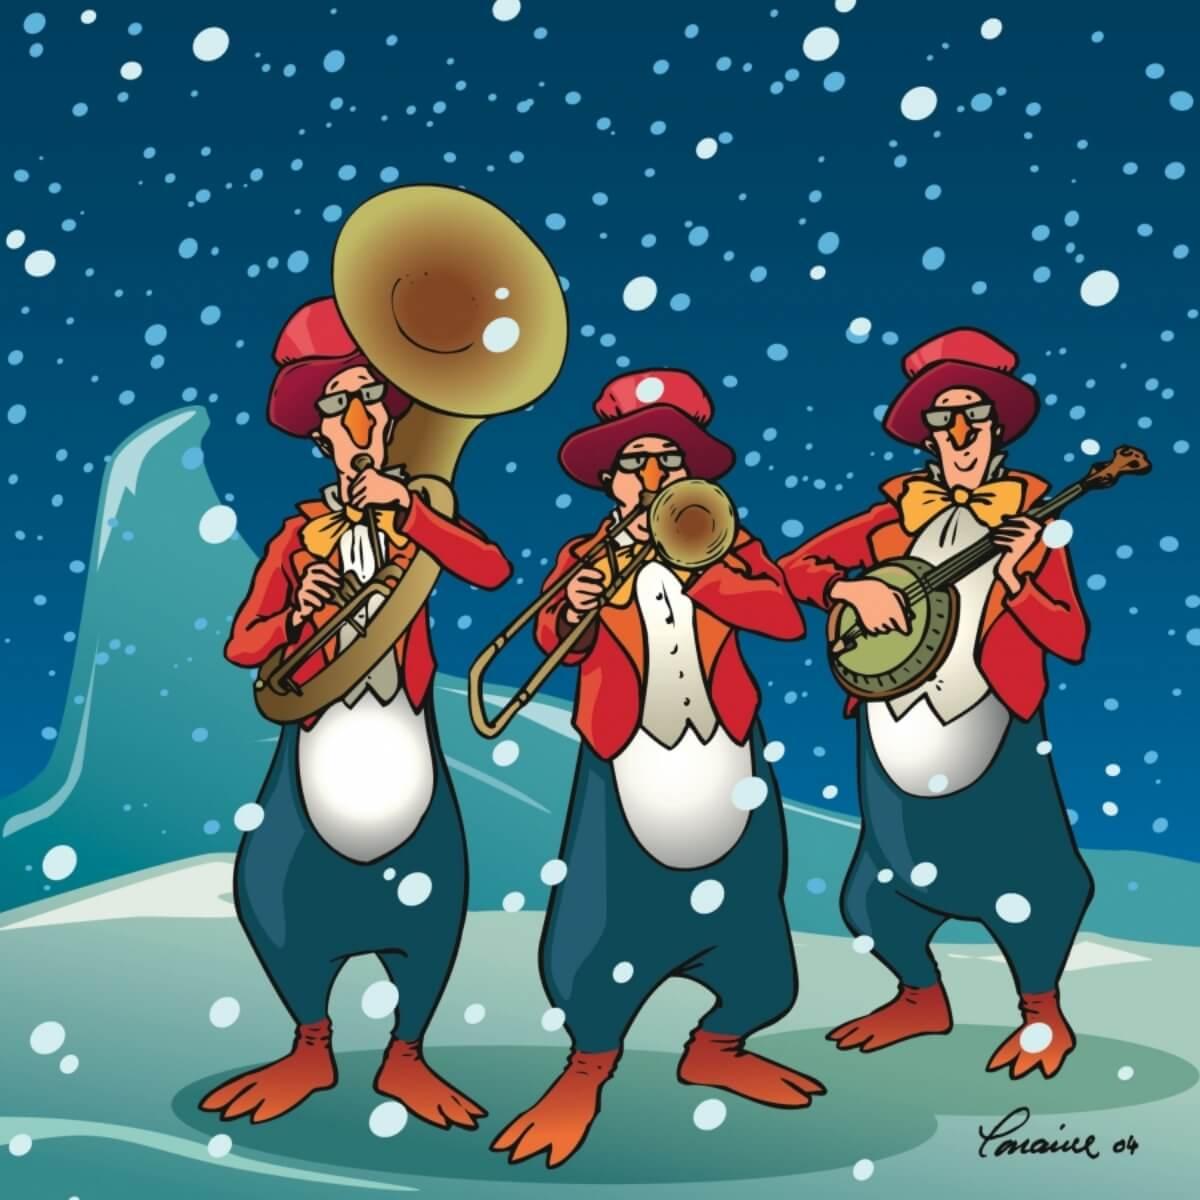 Le Grand Bal de Noël (Illustration : Lorraine Beaudoin)